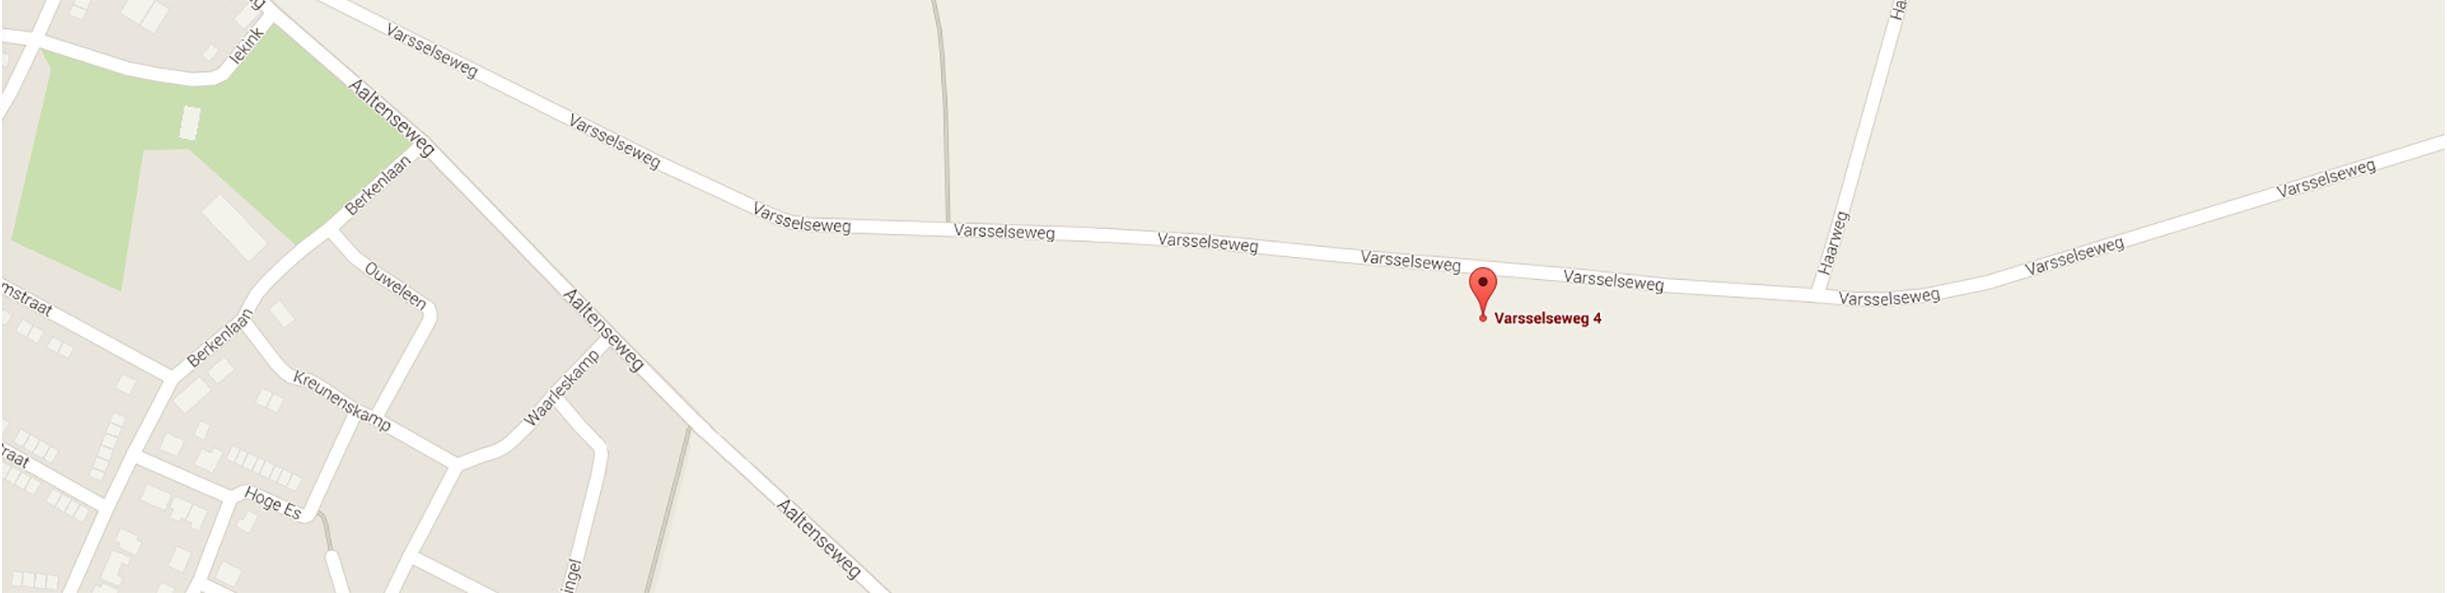 http://www.demettemaat.nl/uploads/images/header/Contact_Landkaart.jpg